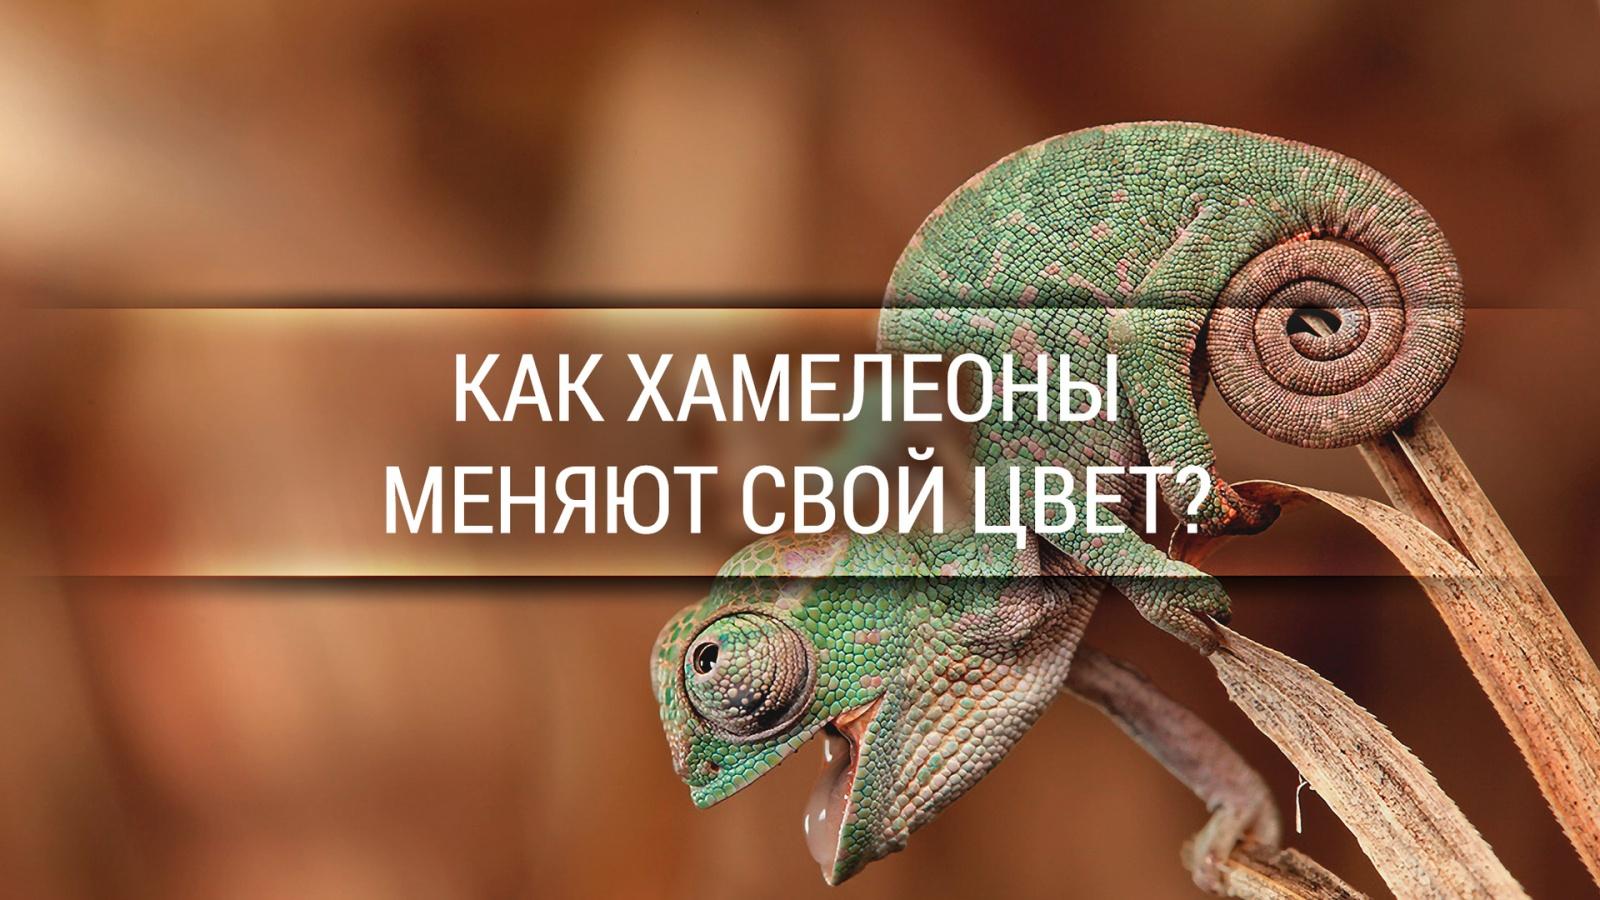 Как хамелеоны меняют свой цвет? [Veritasium] - 1